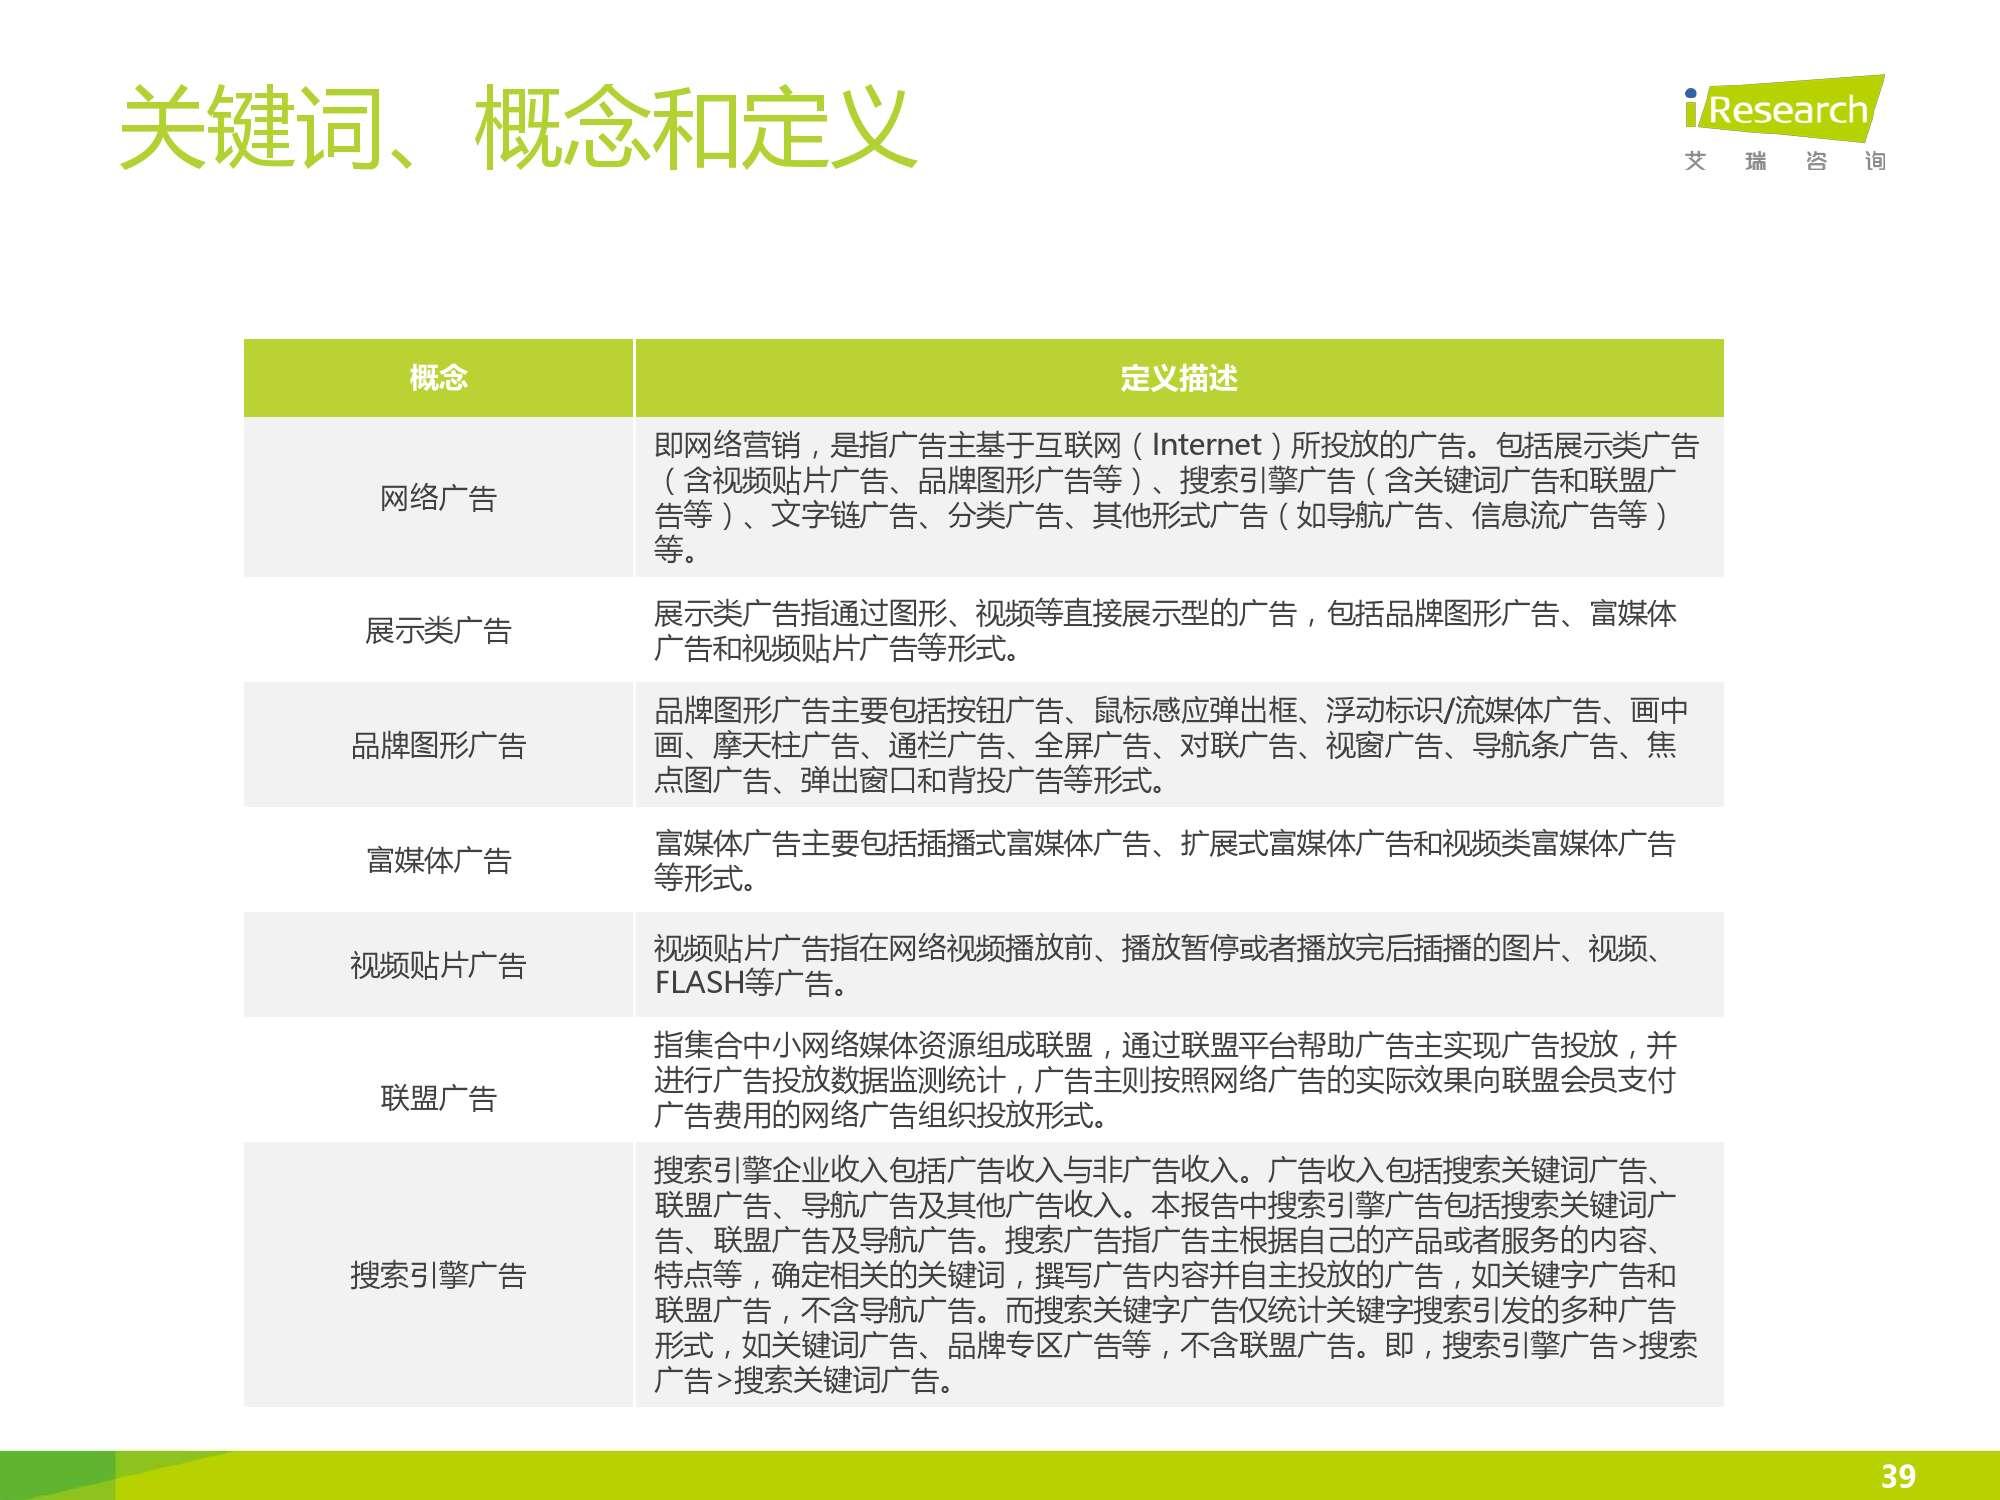 2016年中国网络广告行业年度监测报告简版_000039